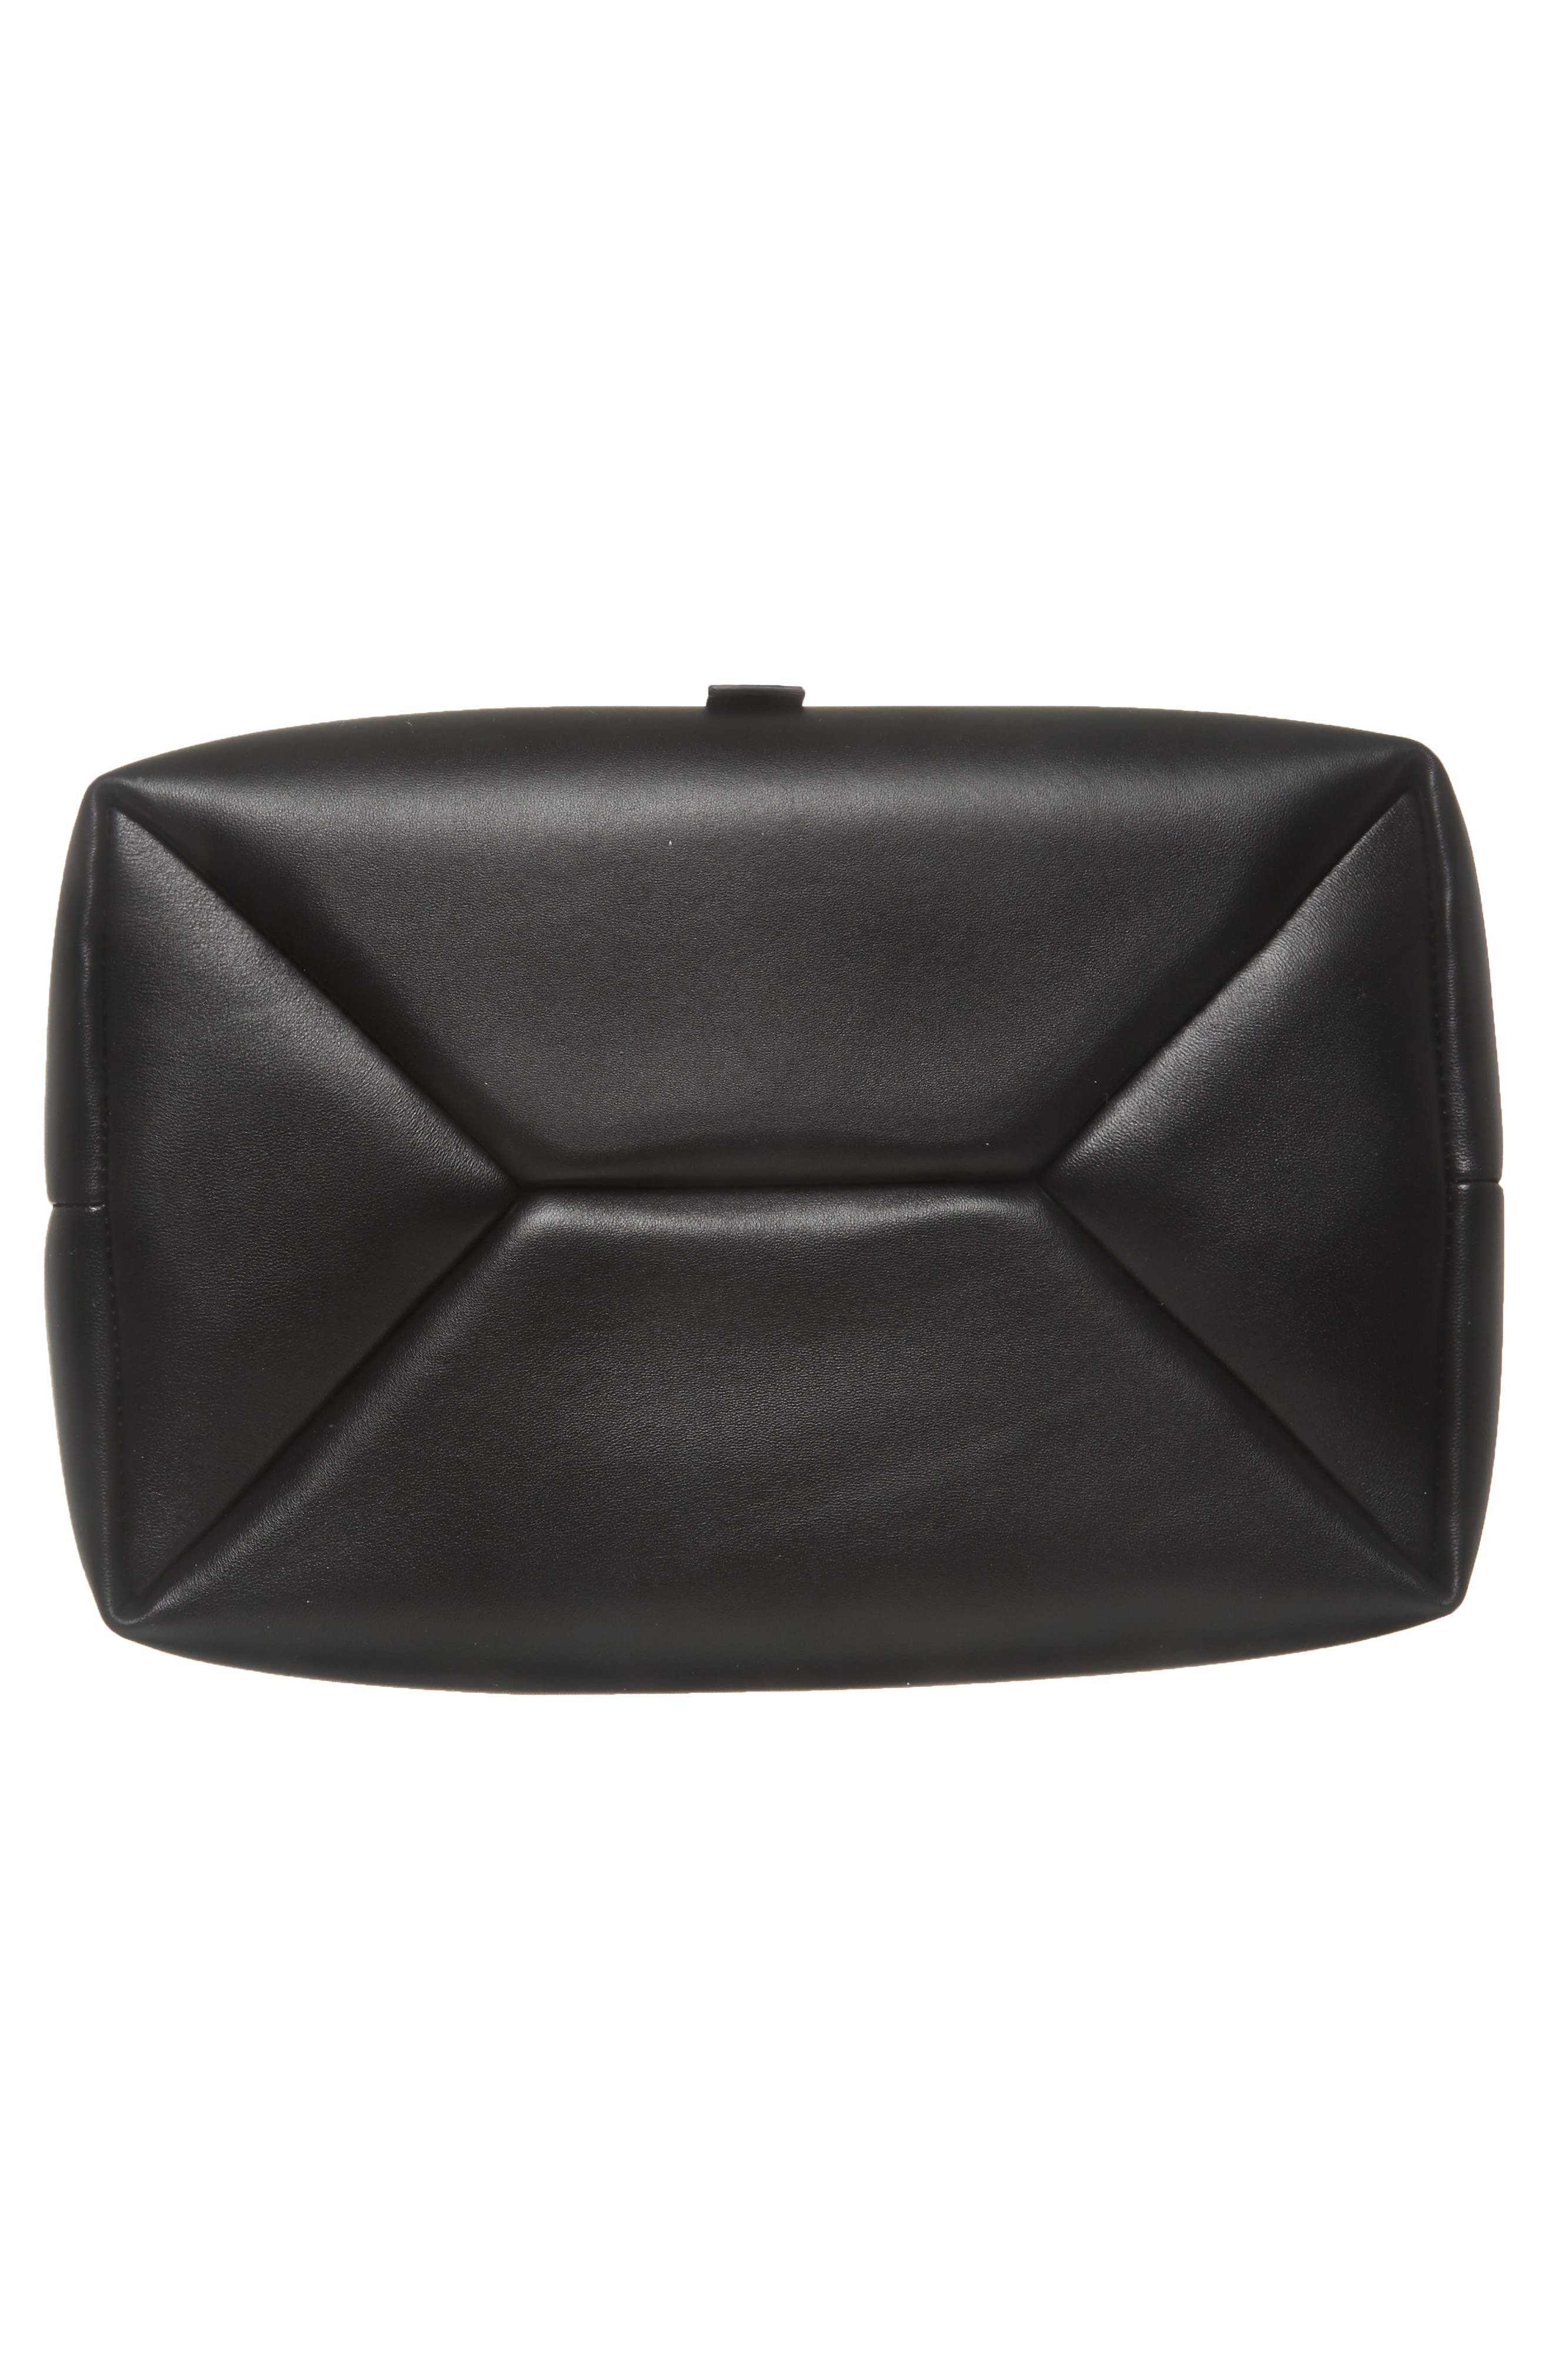 Frame Leather Shoulder Bag,                             Alternate thumbnail 6, color,                             BLACK/ BLACK